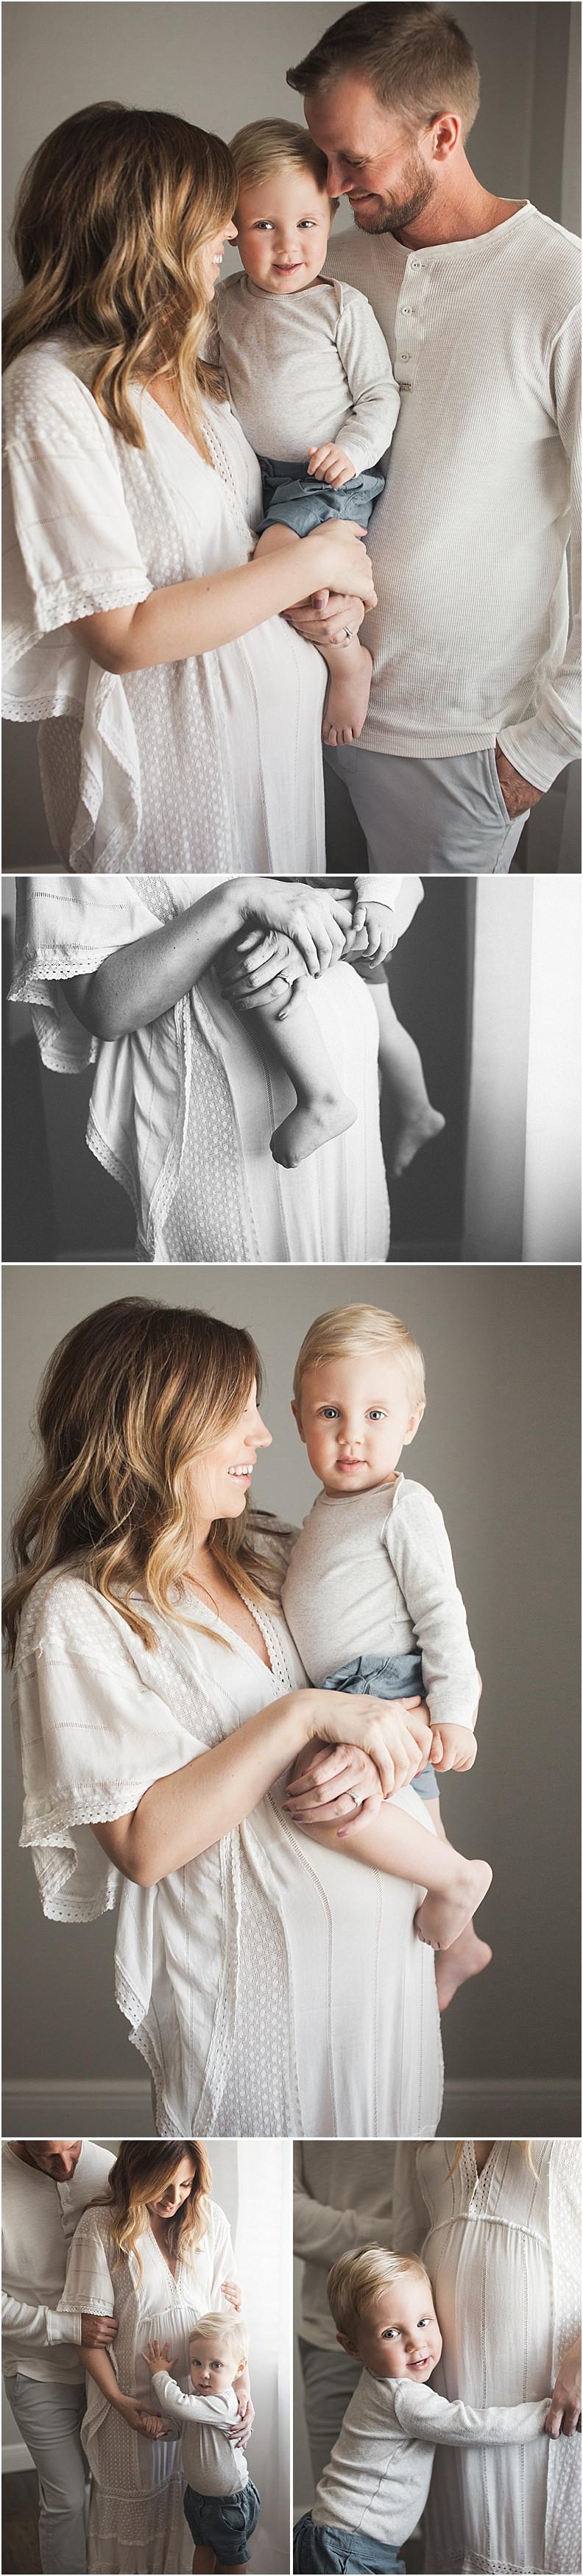 Sarasota Family Photographer Maternity Lifestyle Session